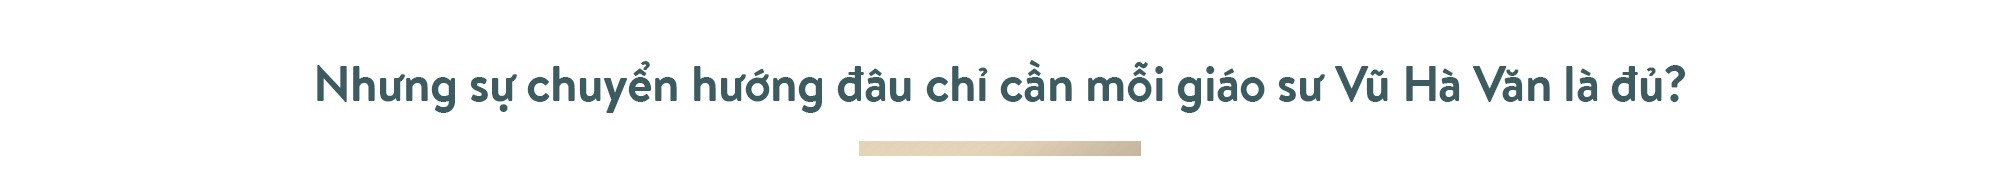 Ông Phạm Nhật Vượng: Thế giới phải biết Việt Nam trí tuệ, đẳng cấp - Ảnh 8.